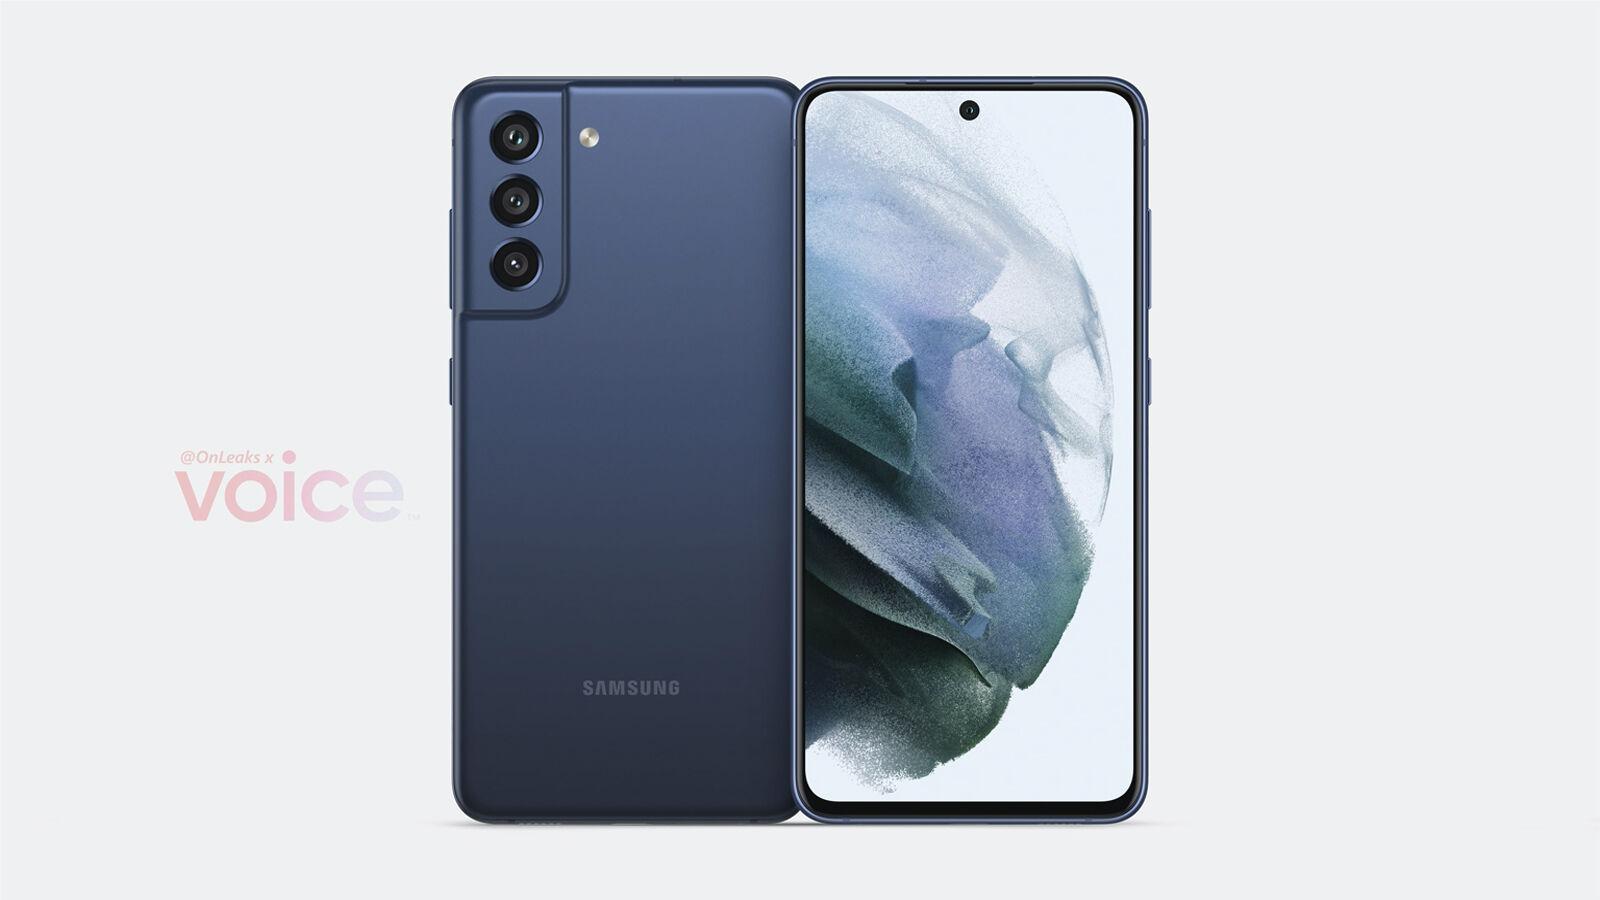 Samsung Galaxy S21 FE fuente de renderizado con filtración plana OnLeaks